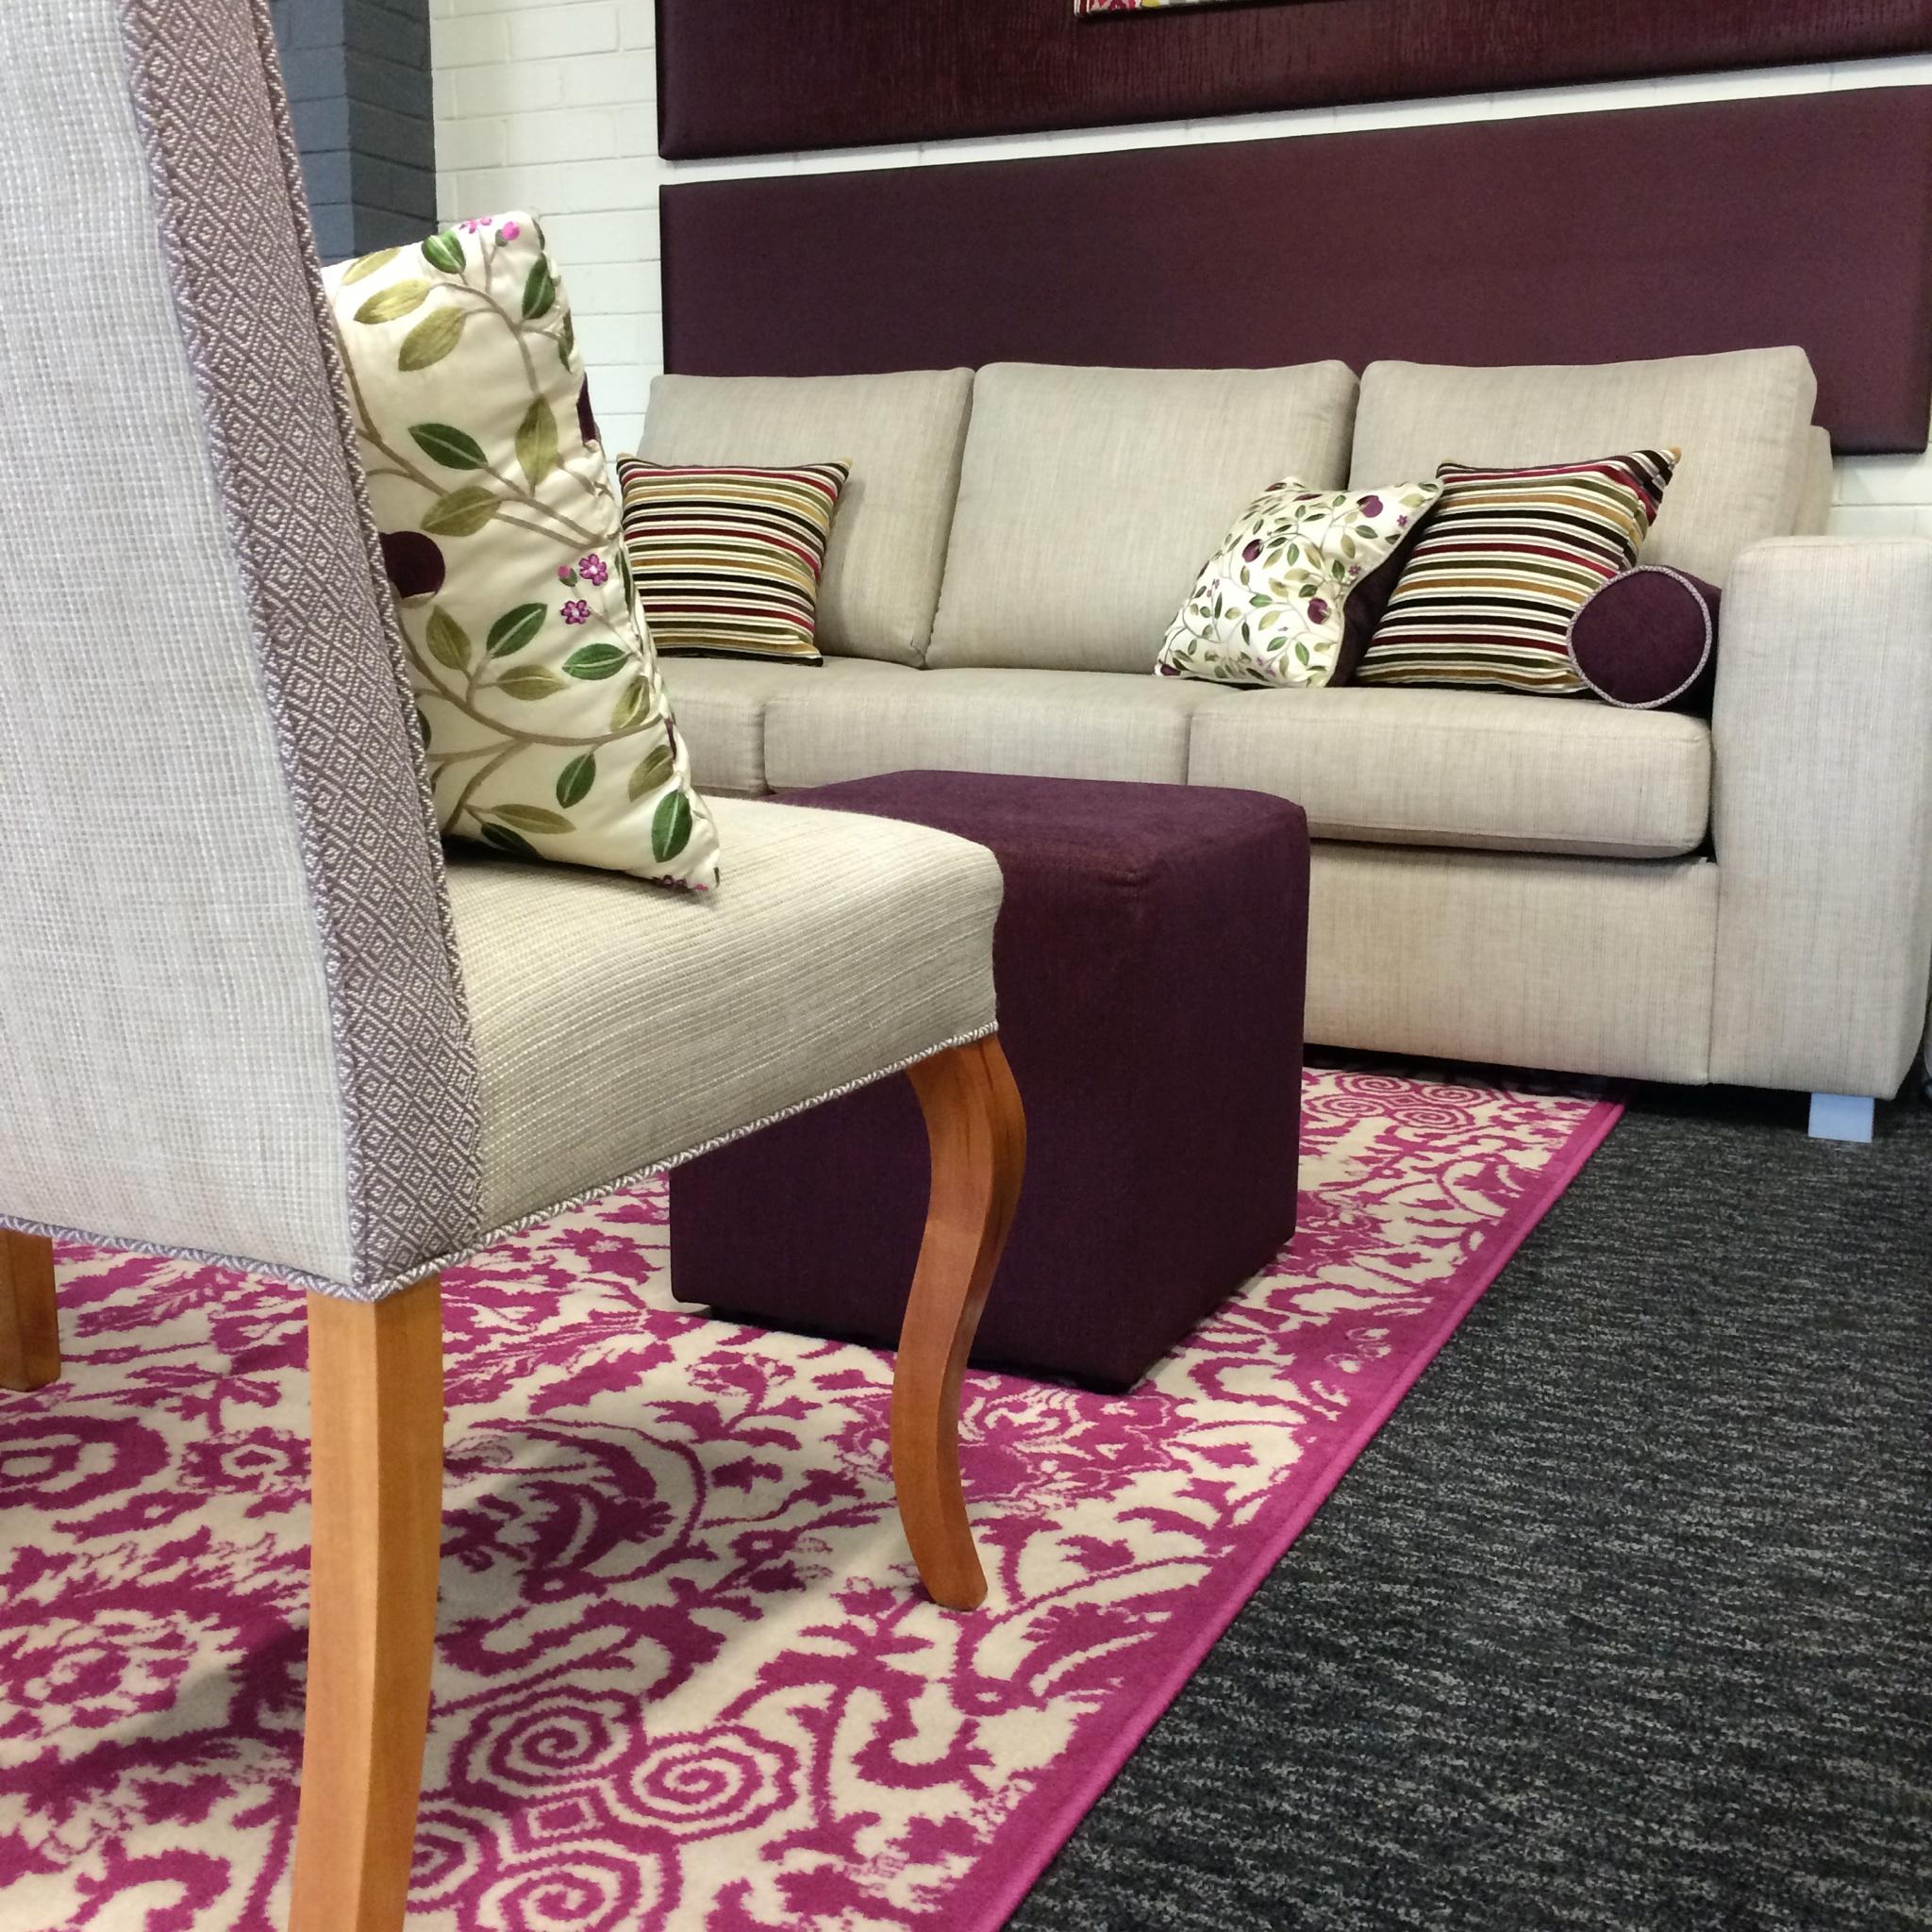 studio 3 seater sofabed - in situ - dream design